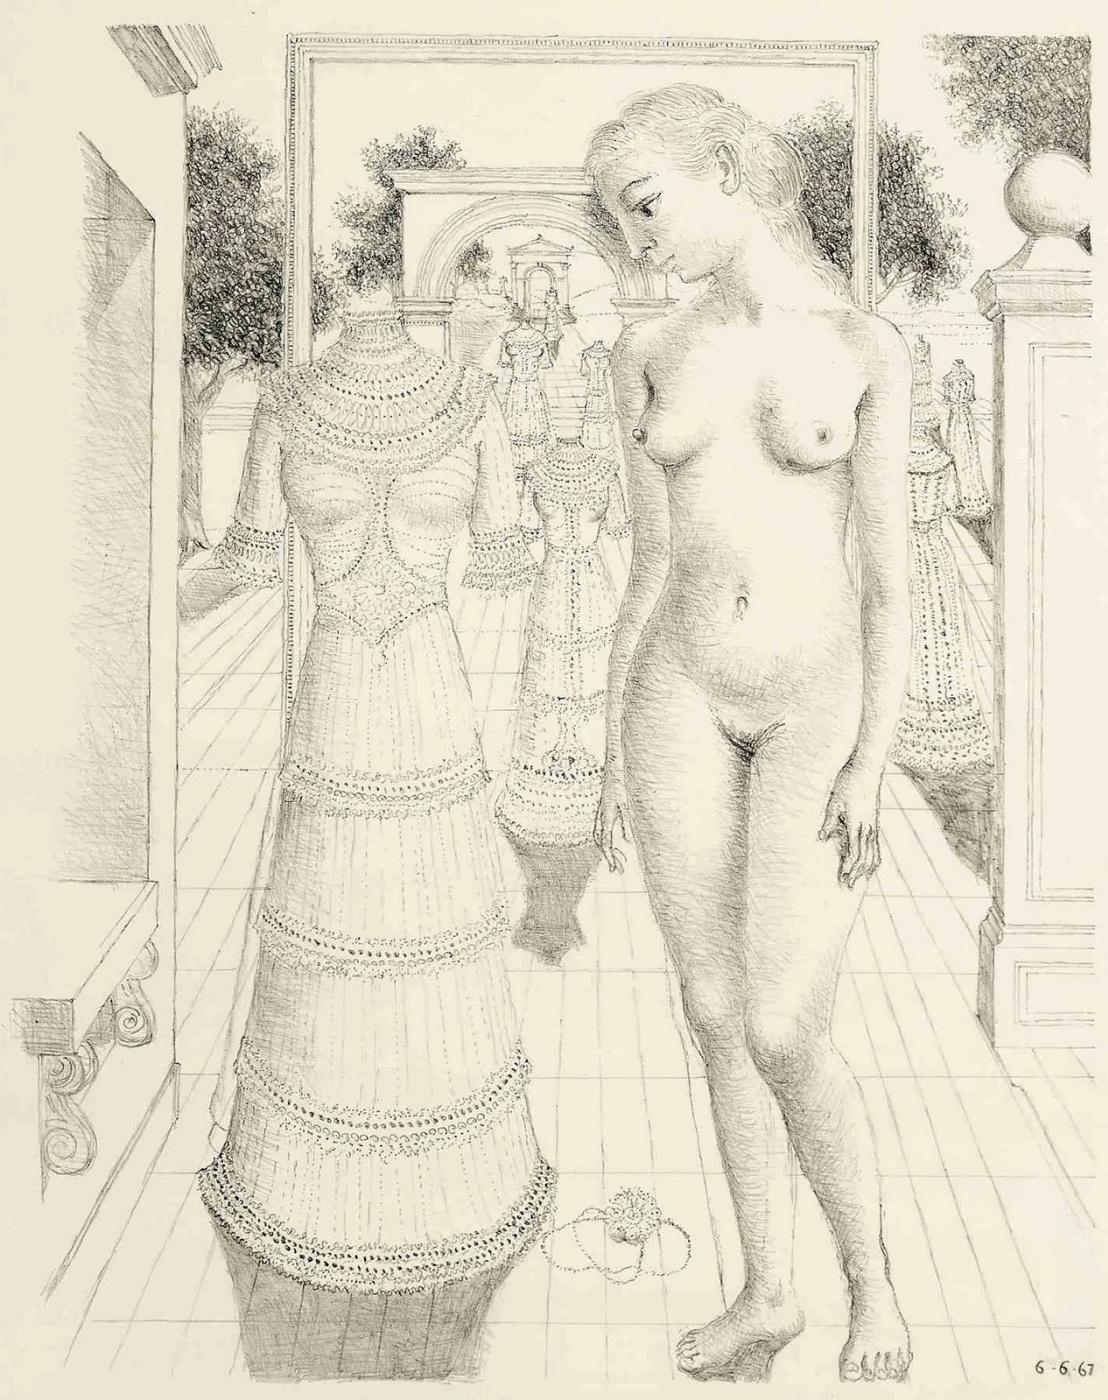 Поль Дельво Бельгия 1897-1994. Воскресное платье.  1967